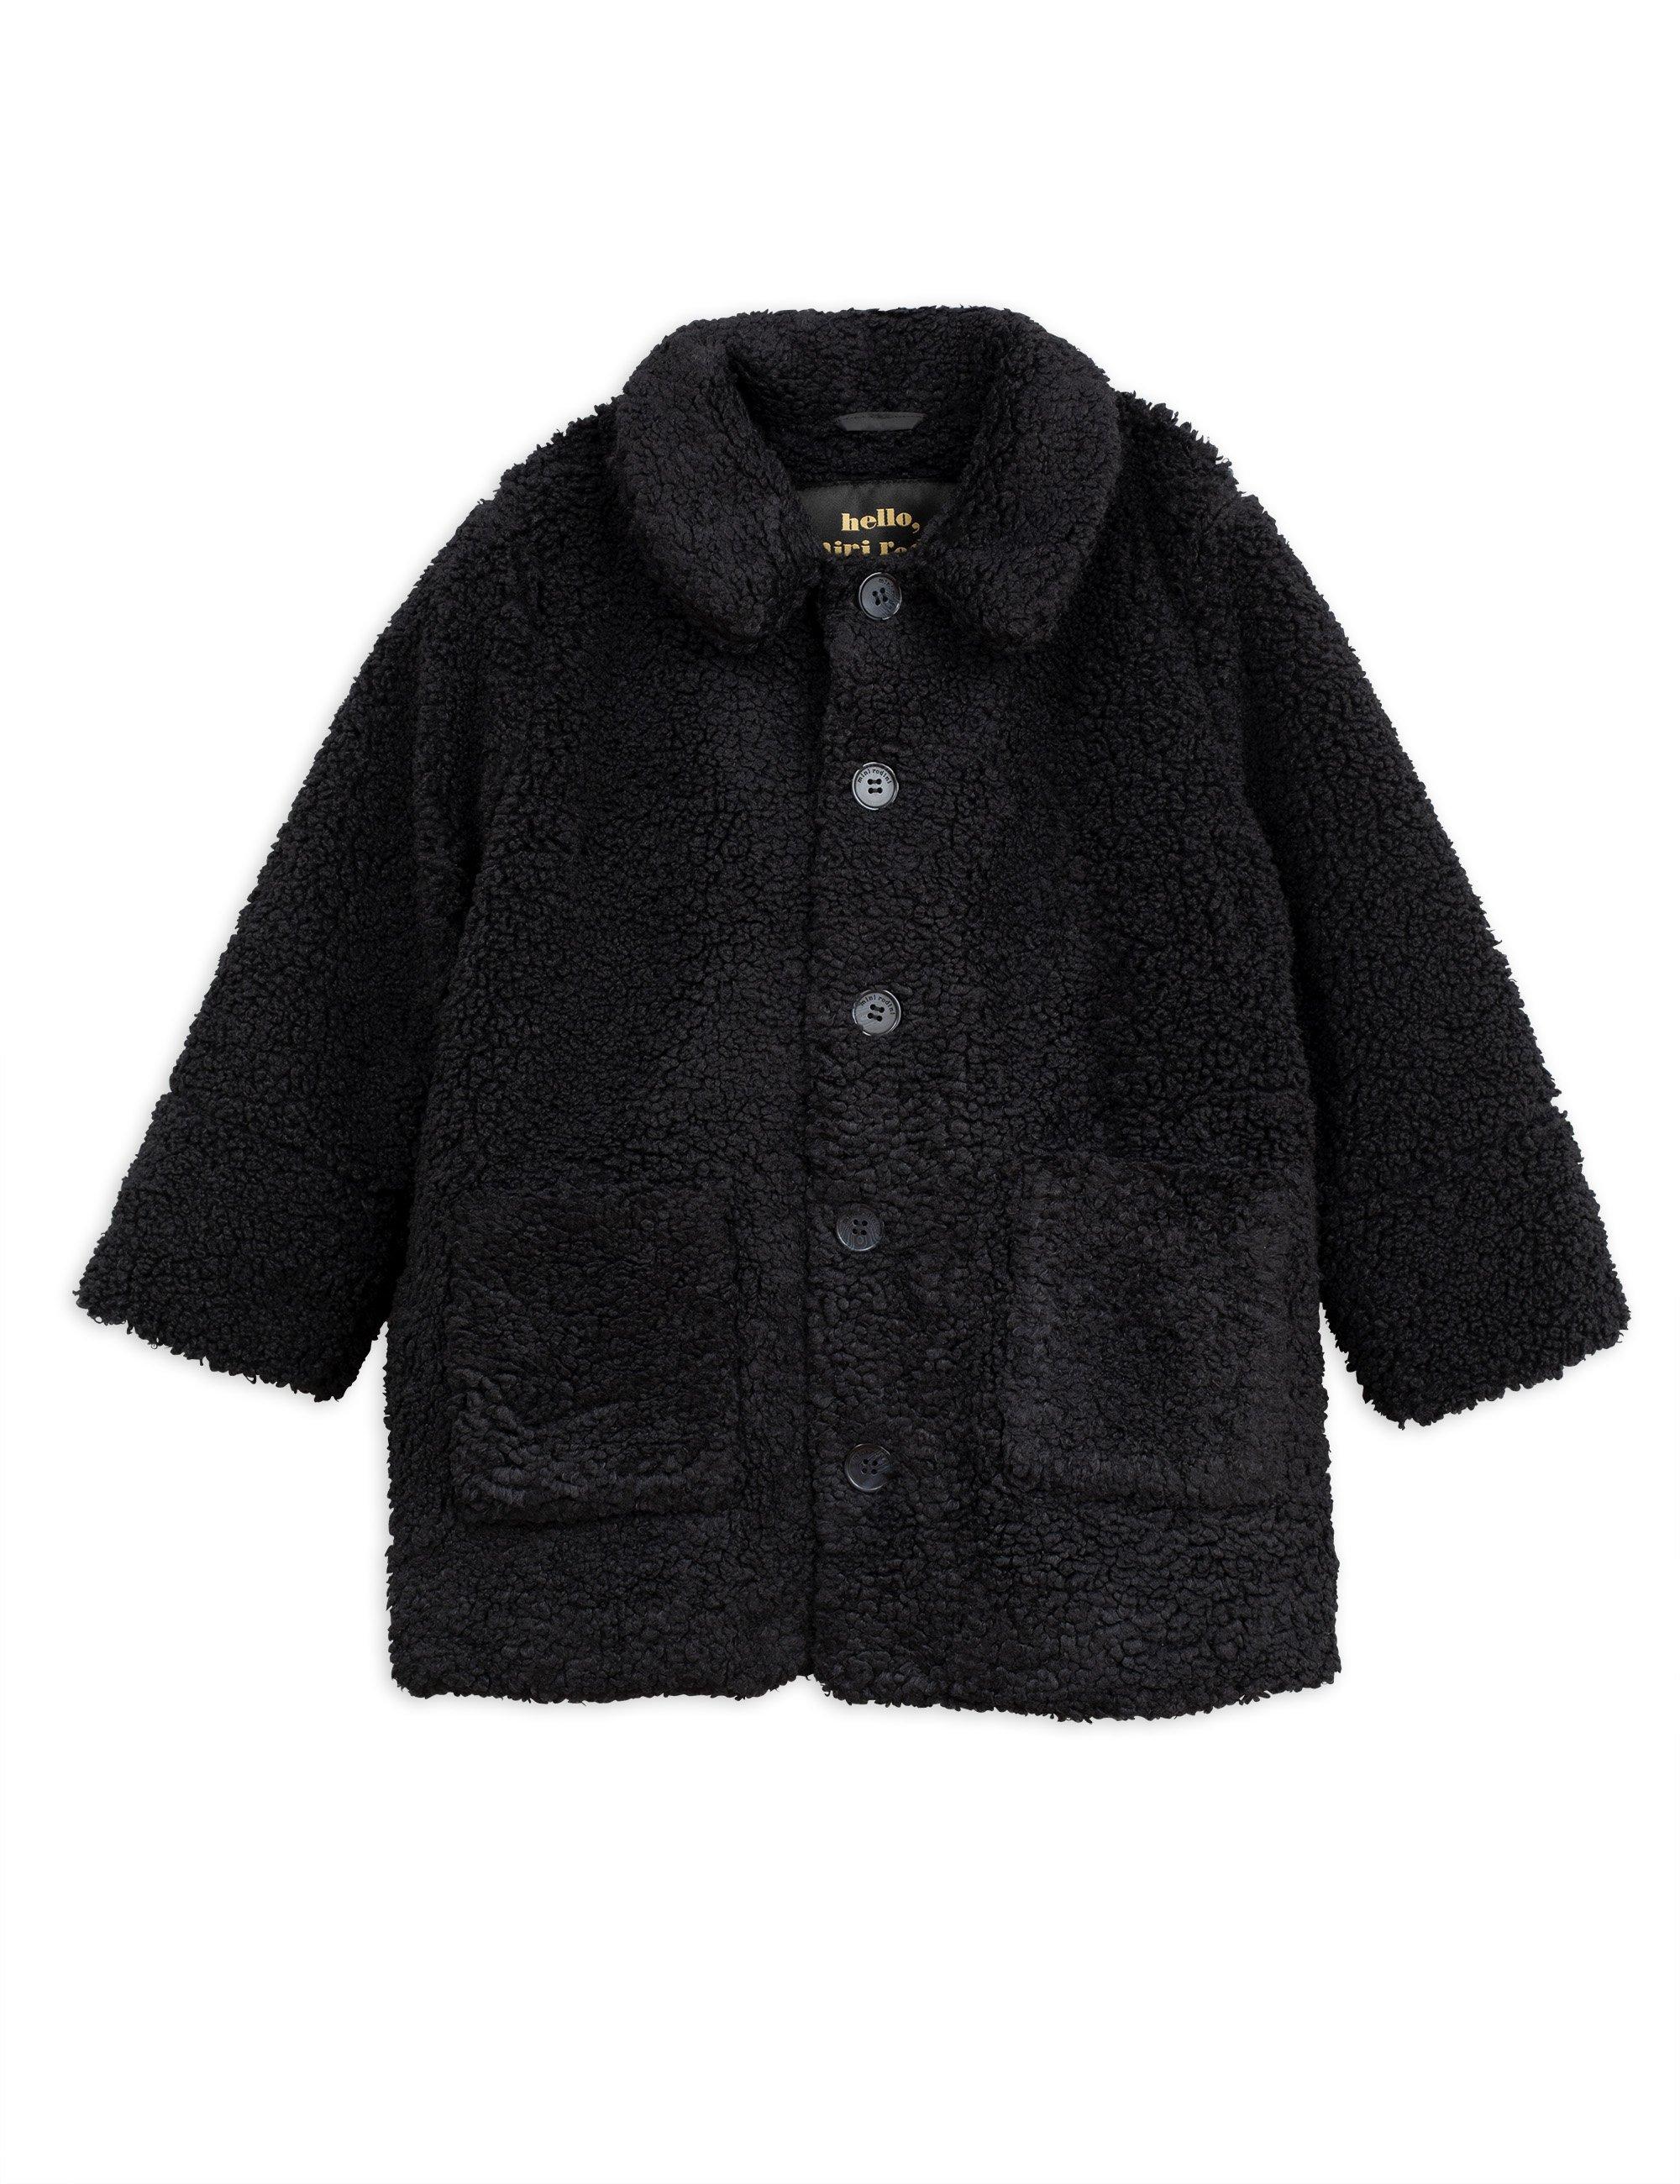 kodomo boston - mini rodini faux fur jacket